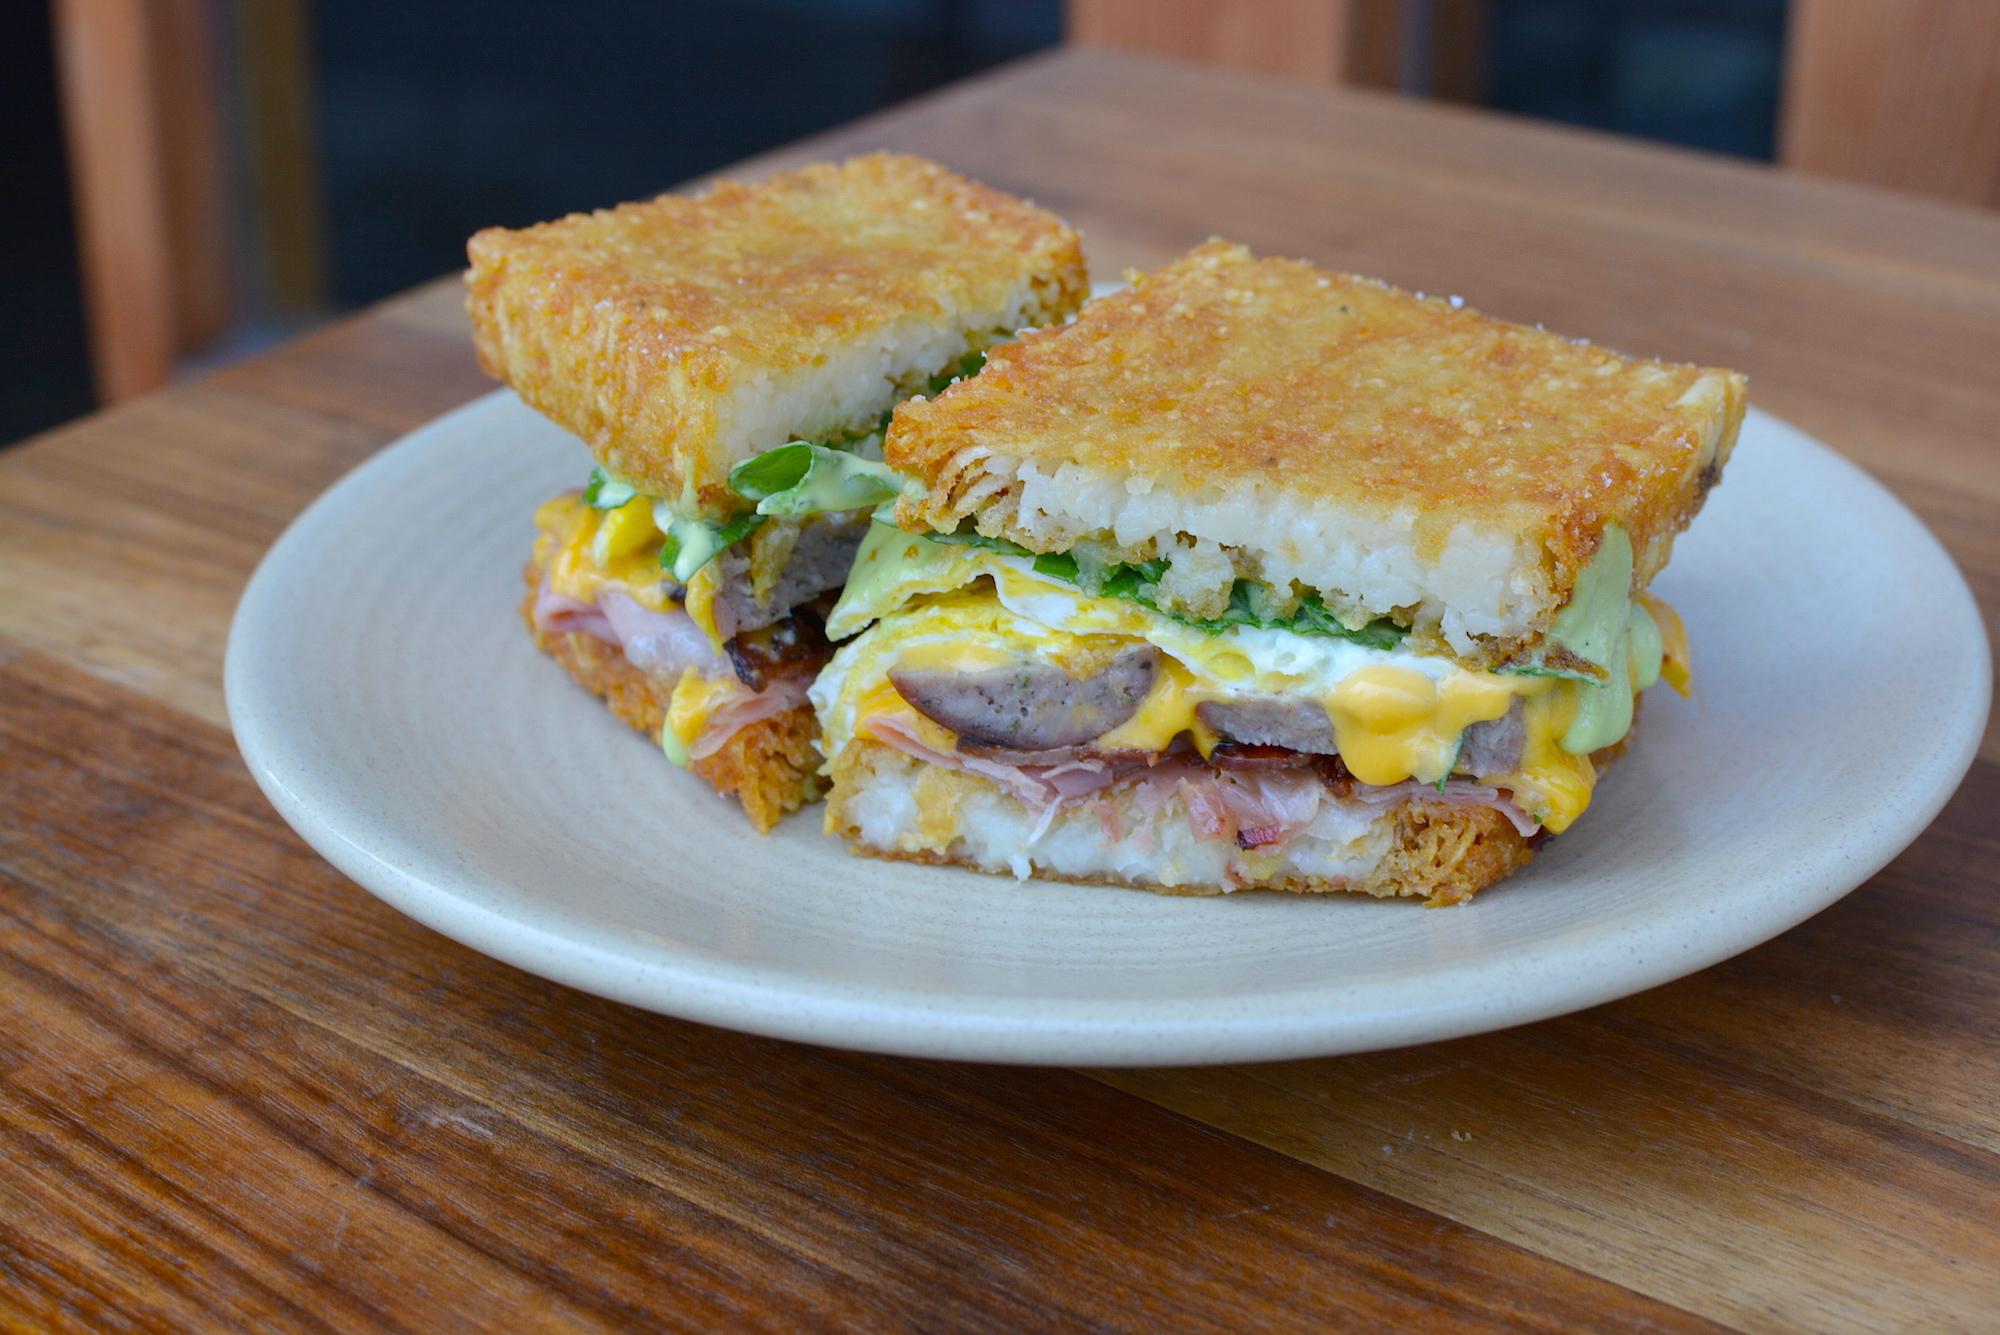 The Cannibal's breakfast sandwich